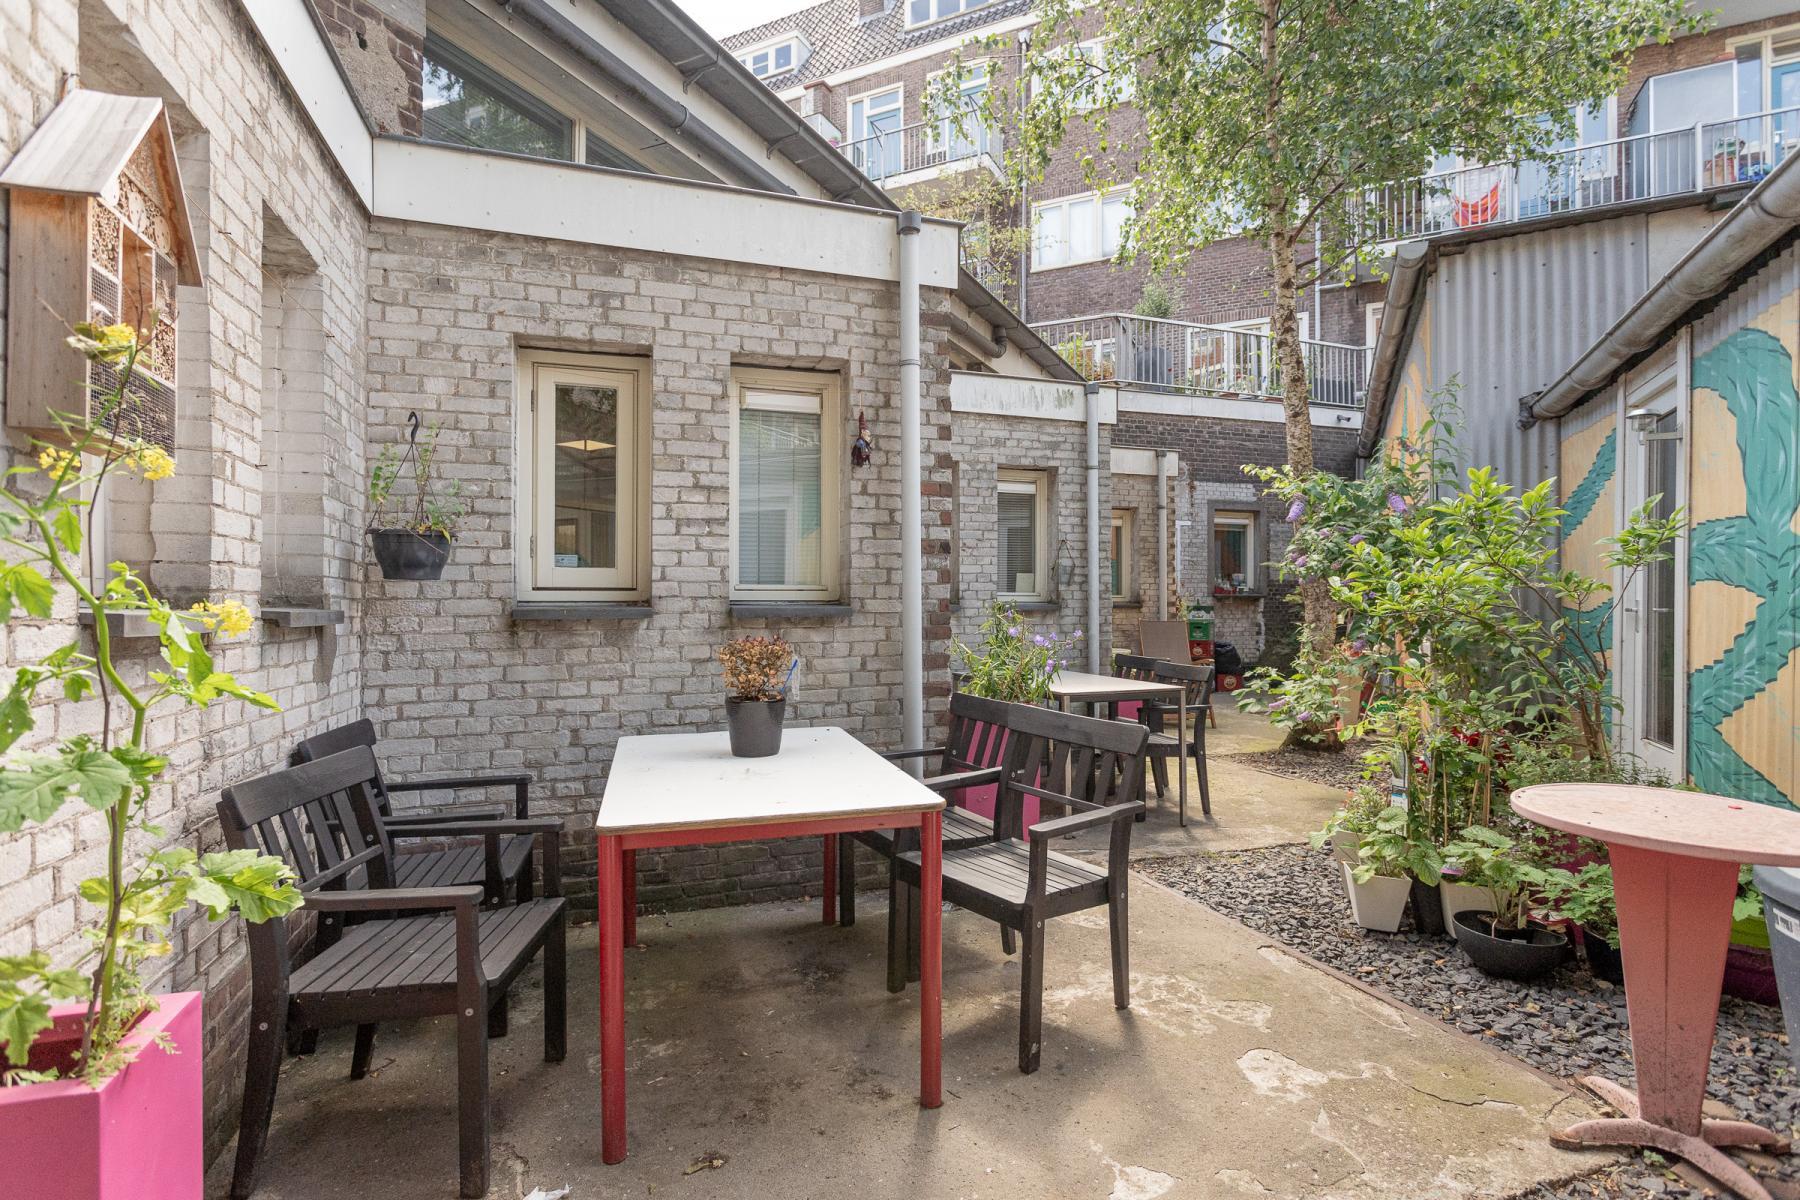 Rent office space Oudeschans 21, Amsterdam (25)